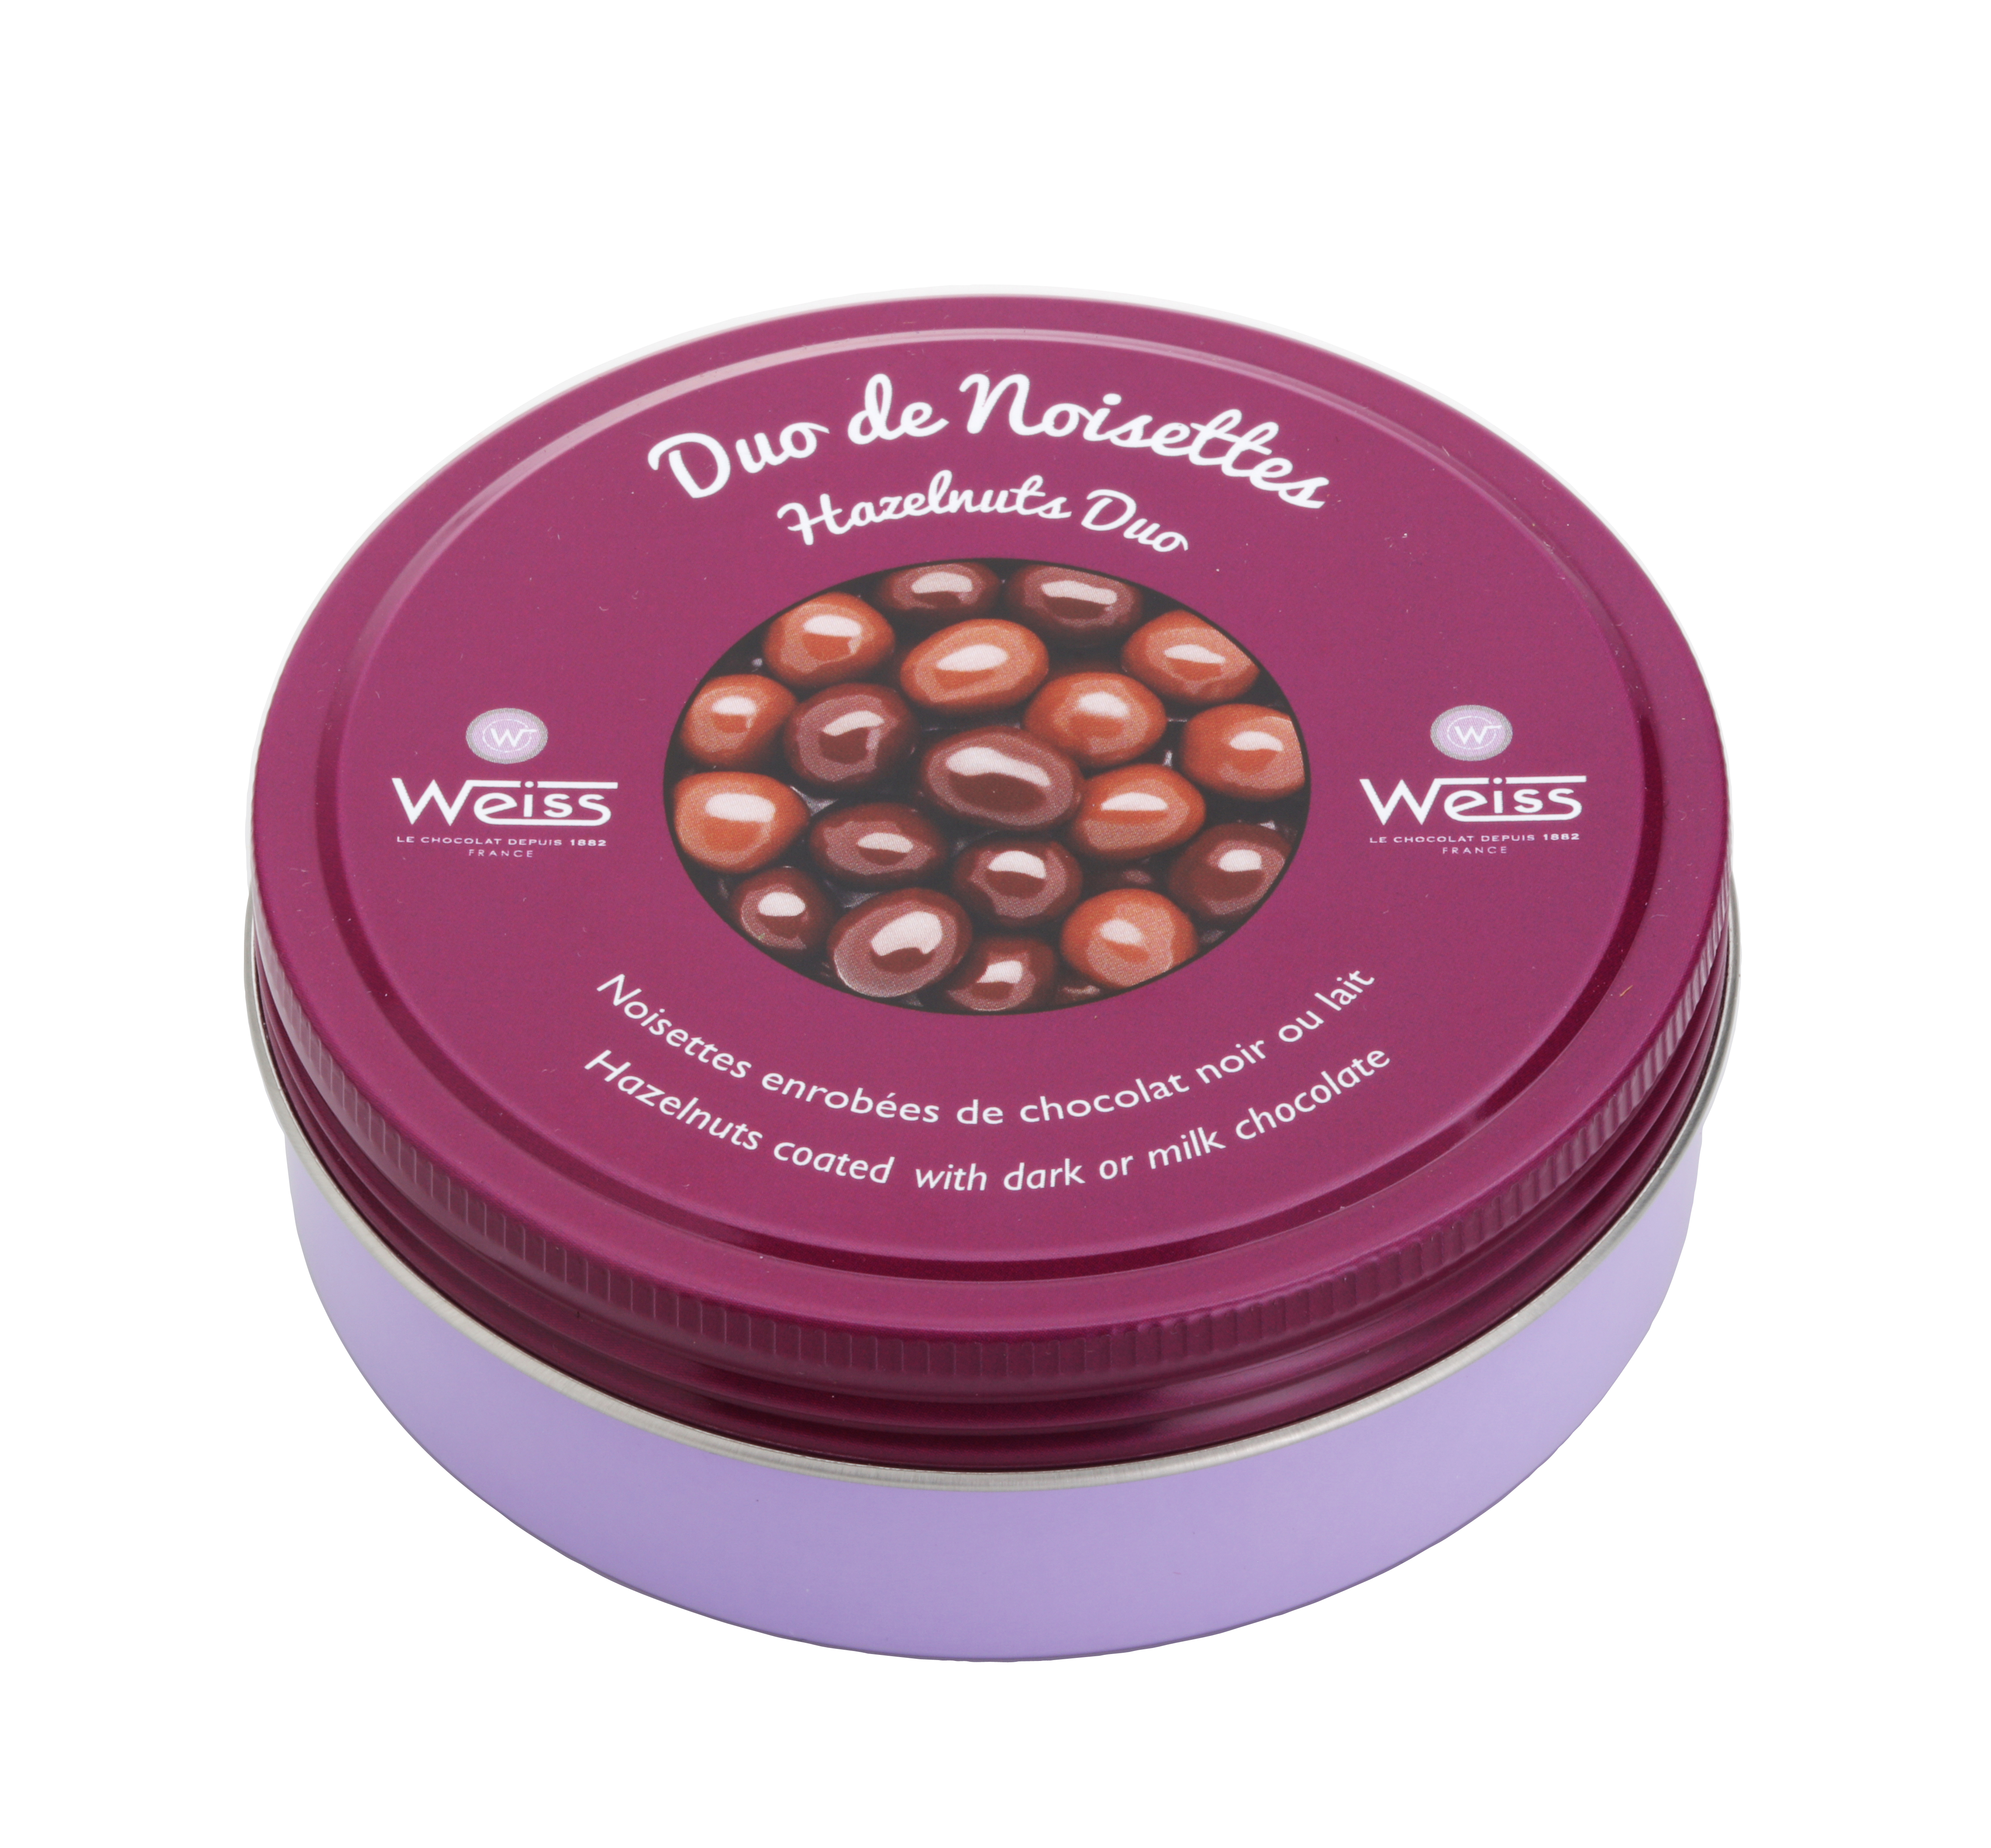 Duo de noisettes chocolat noir et au lait, Weiss (75 g)